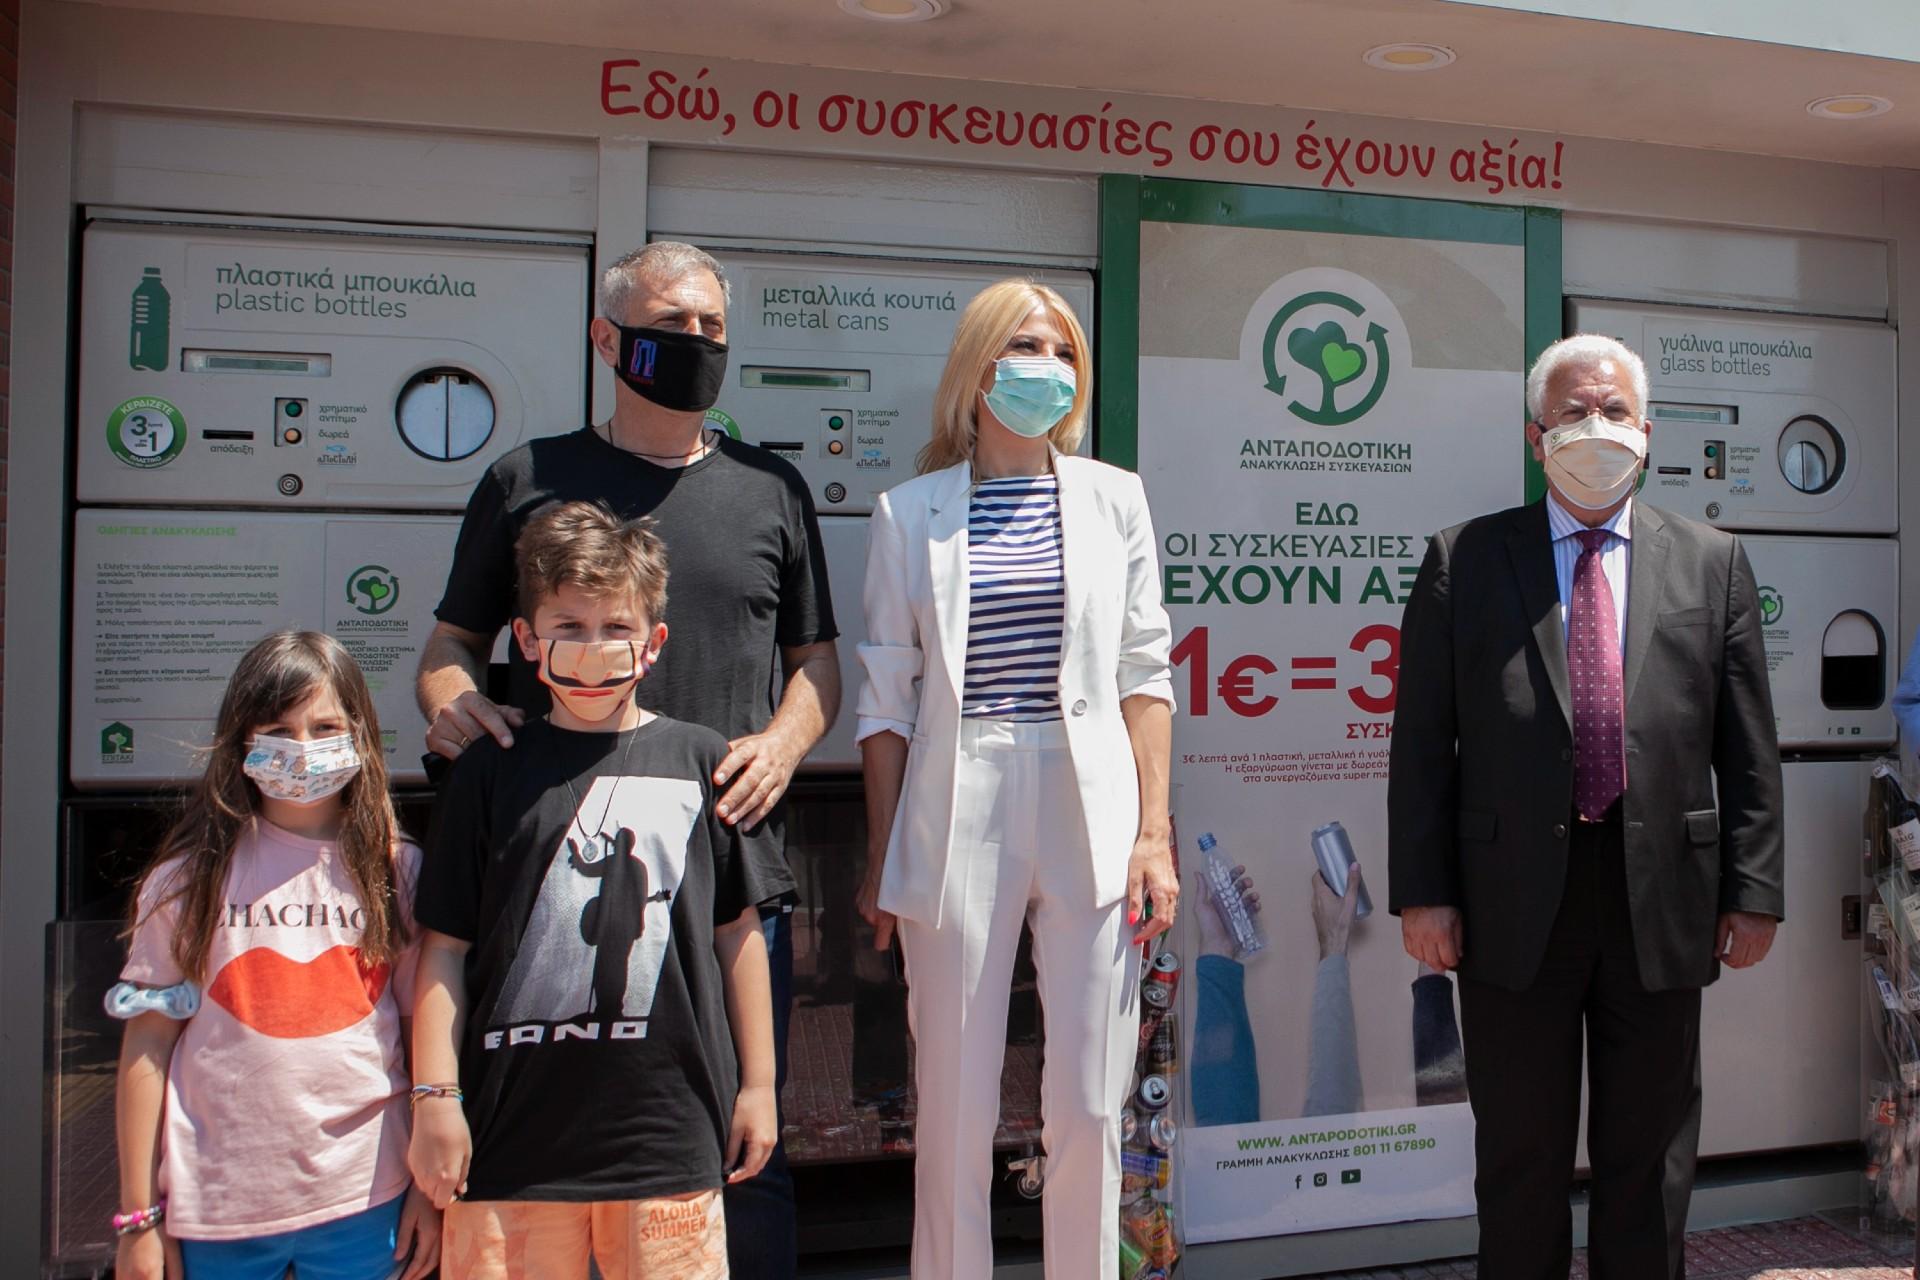 Γιάννης Μώραλης - Φαίη Σκορδά - Παύλος Ραβάνης © Ανταποδοτική Ανακύκλωση